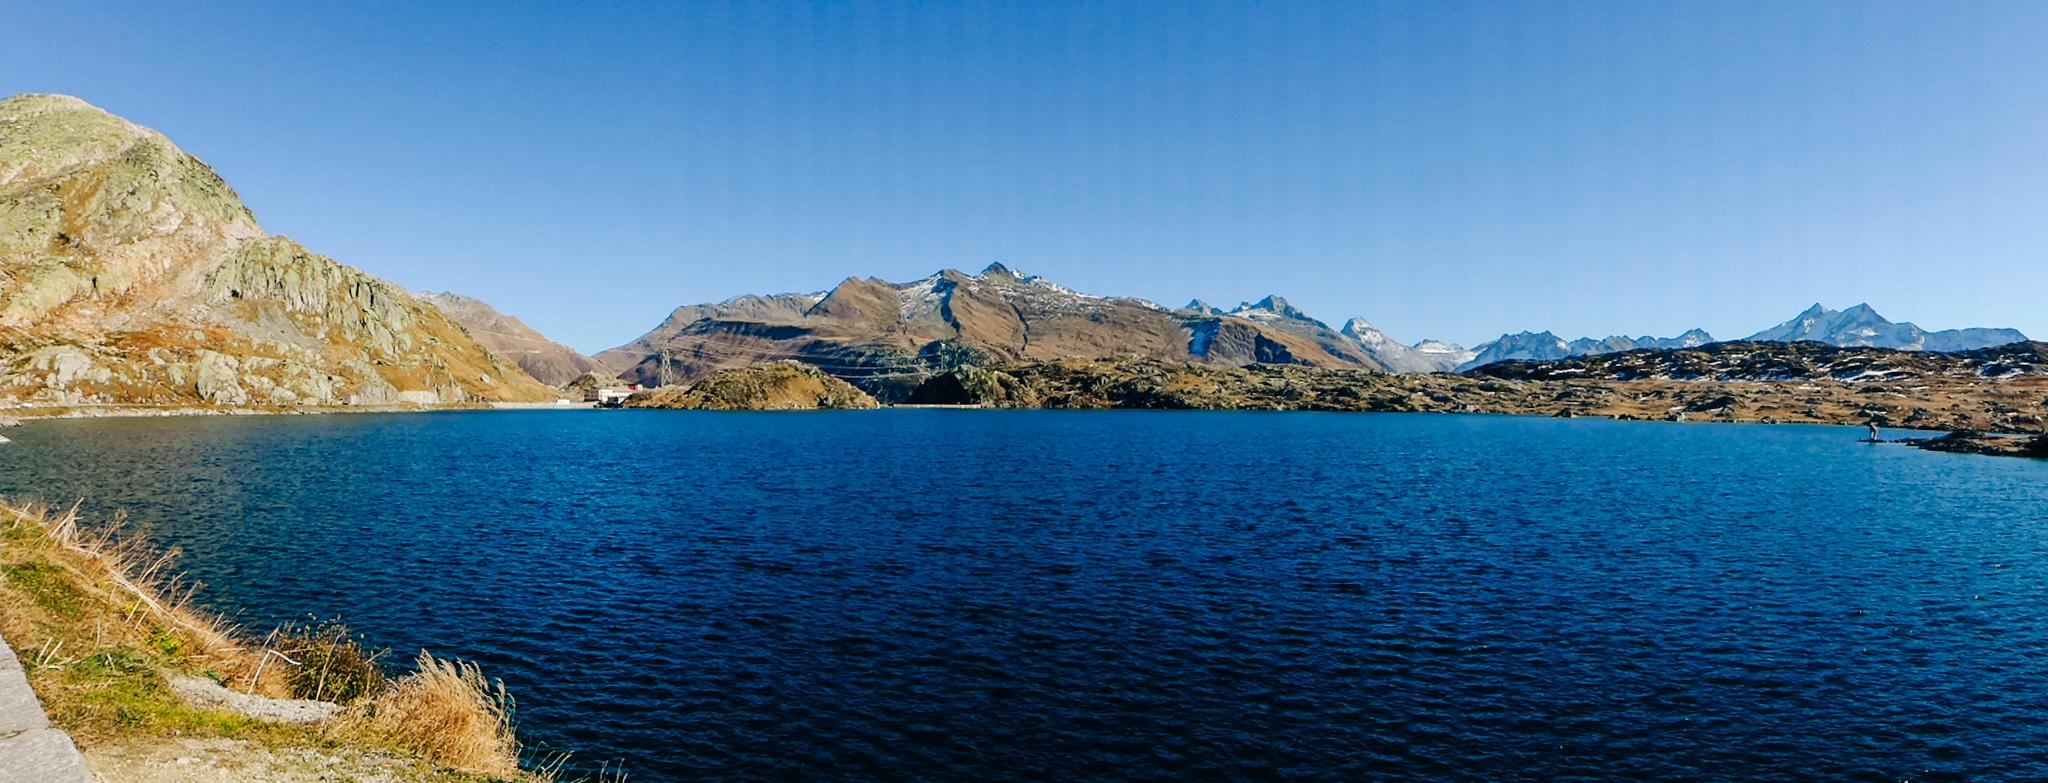 Le lac au col du Grimsel.